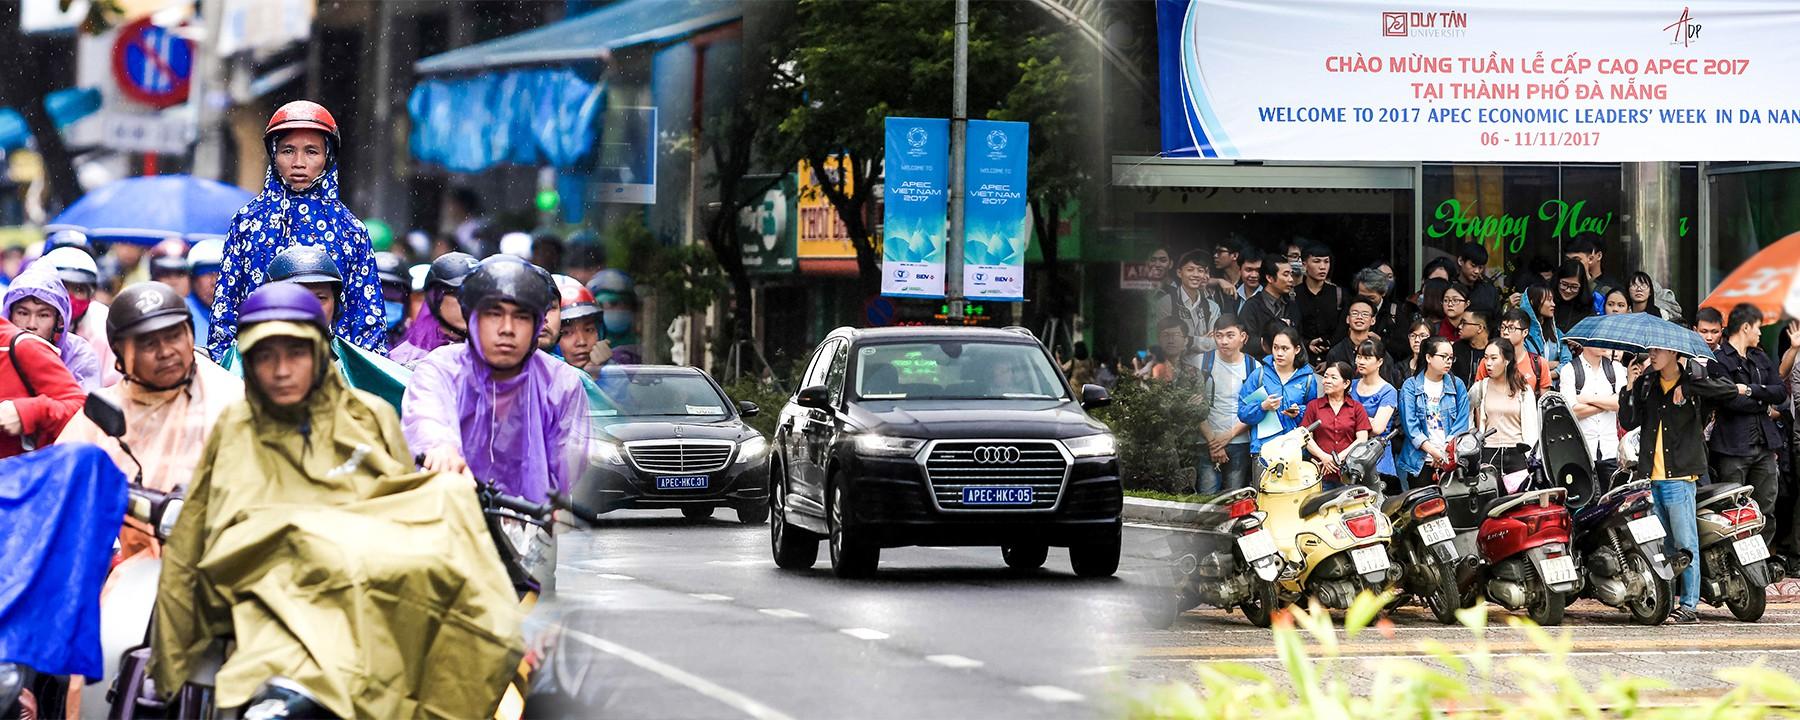 """[eMagazine]: """"Hàng khủng"""" của các lãnh đạo dự APEC - Ảnh 24."""